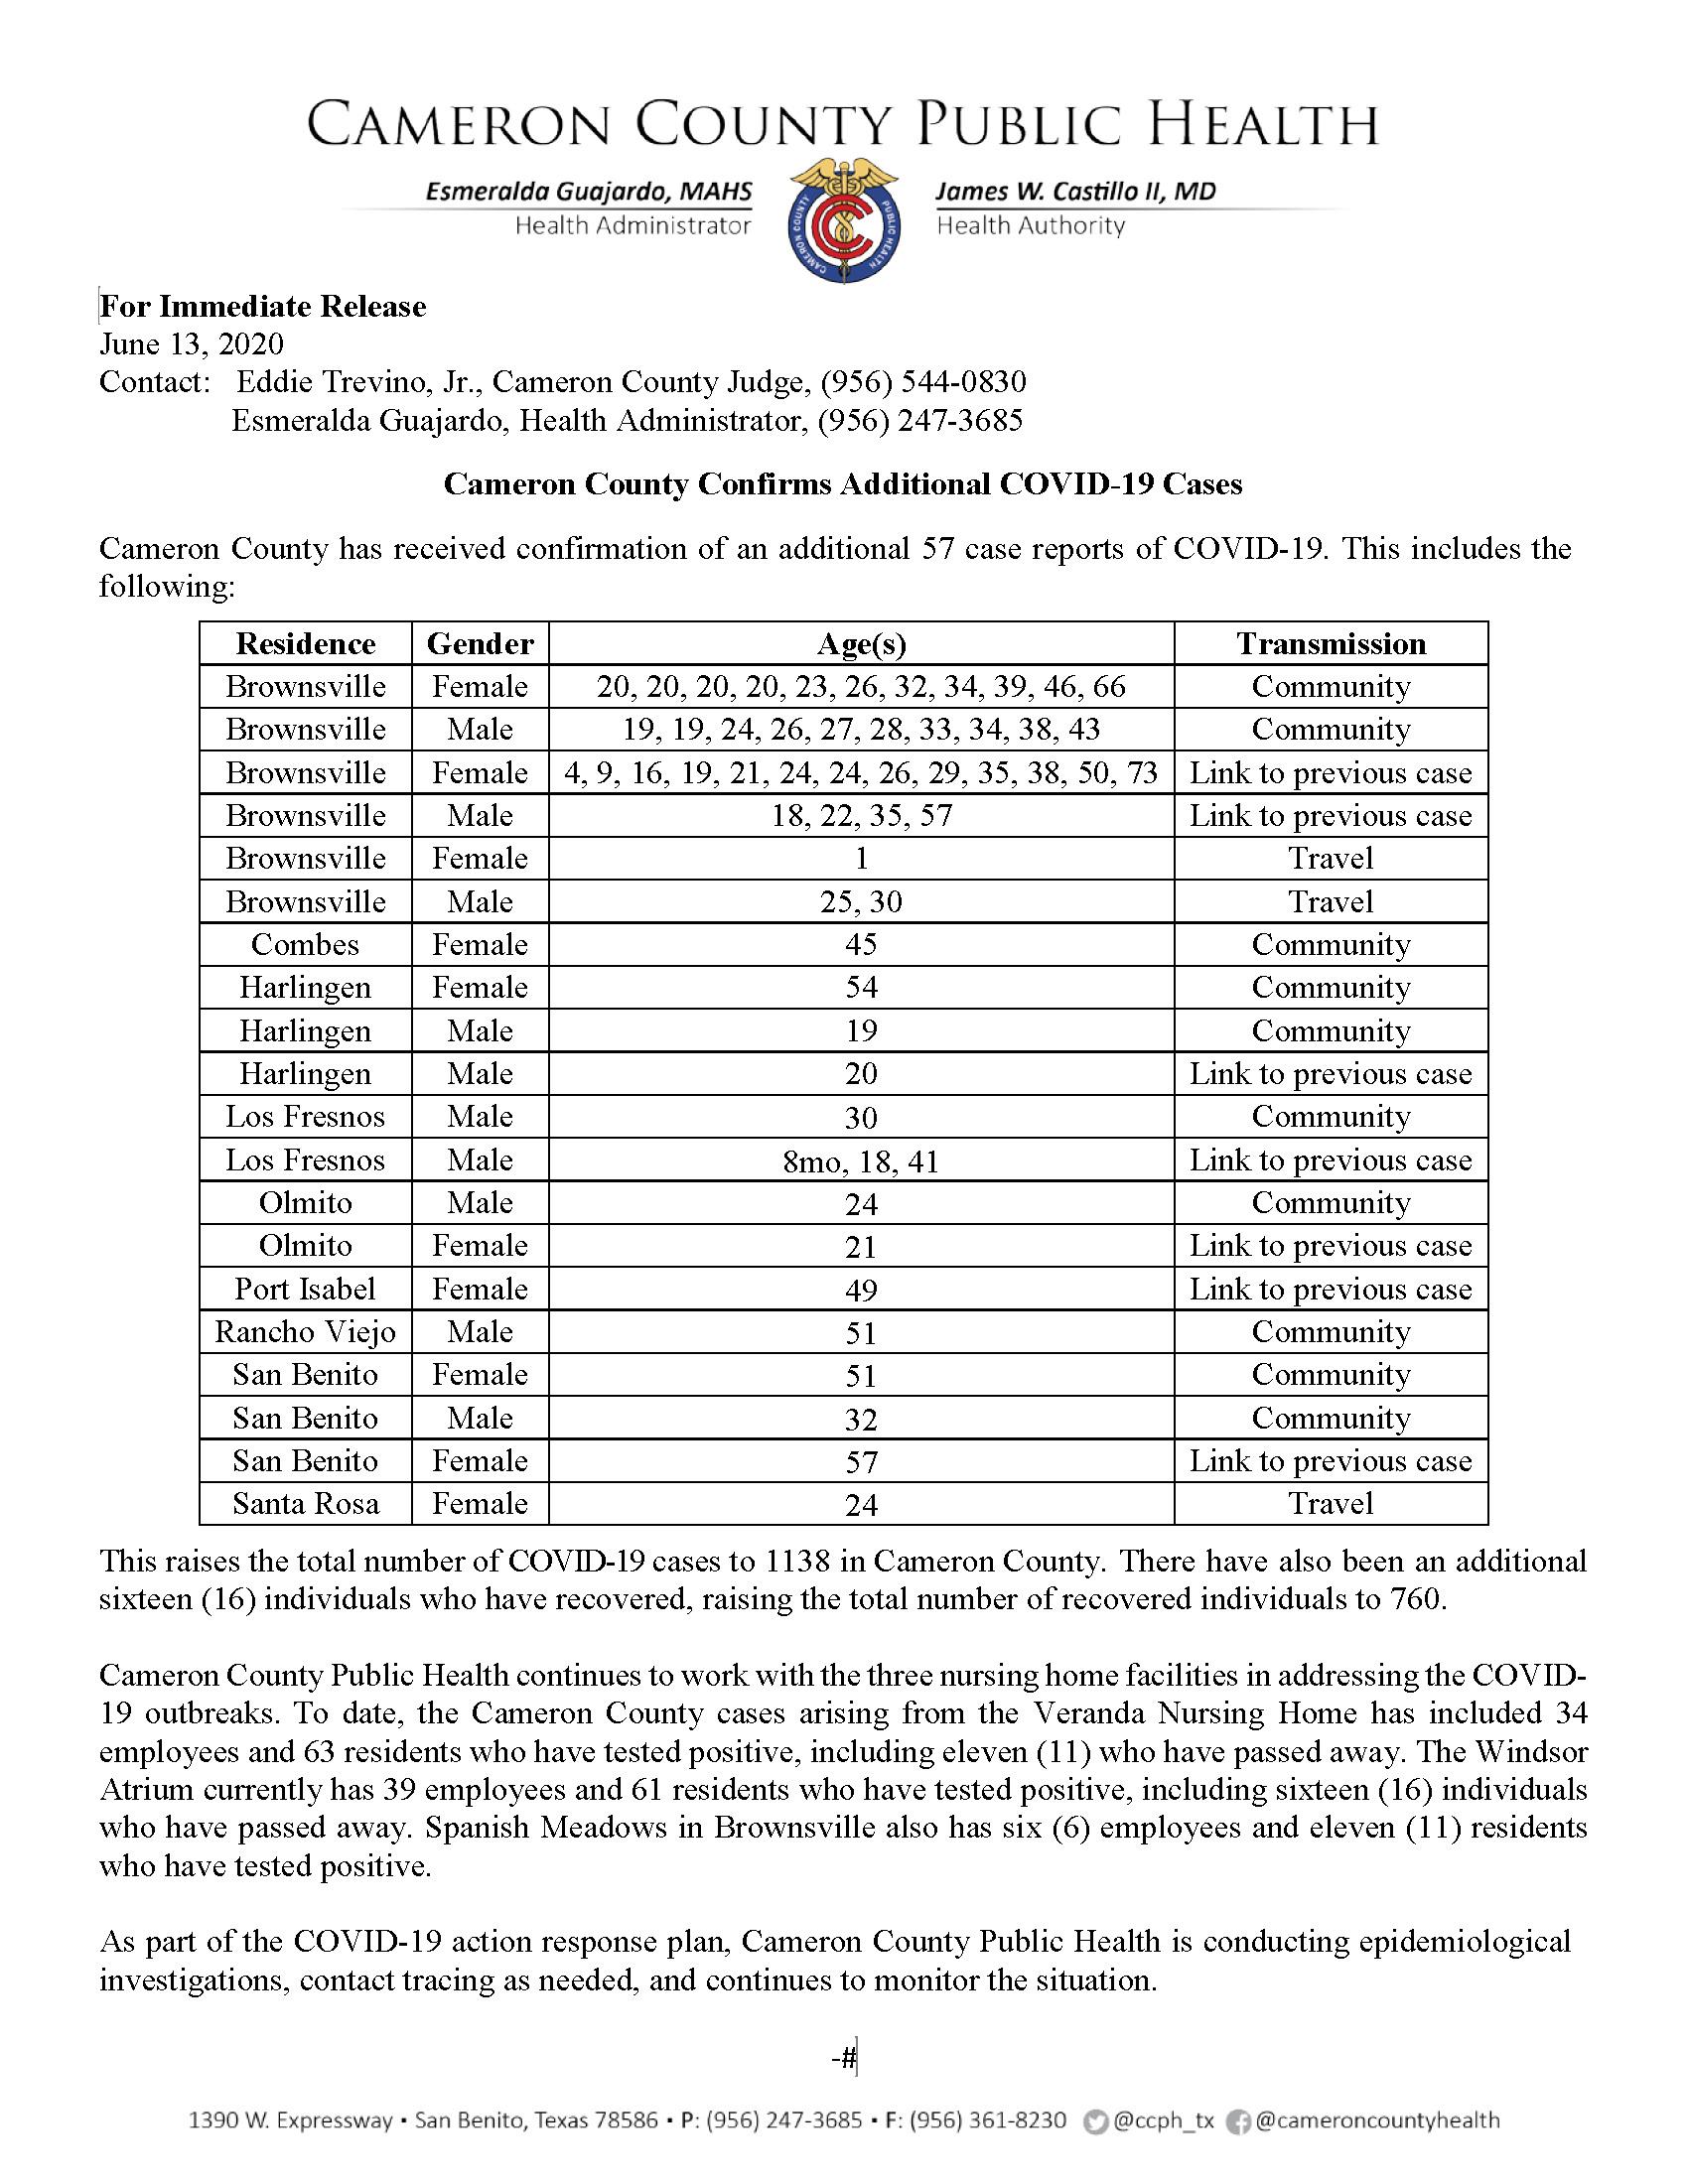 COVID 19 Press Release 1082 1138 PR72 6 13 2020